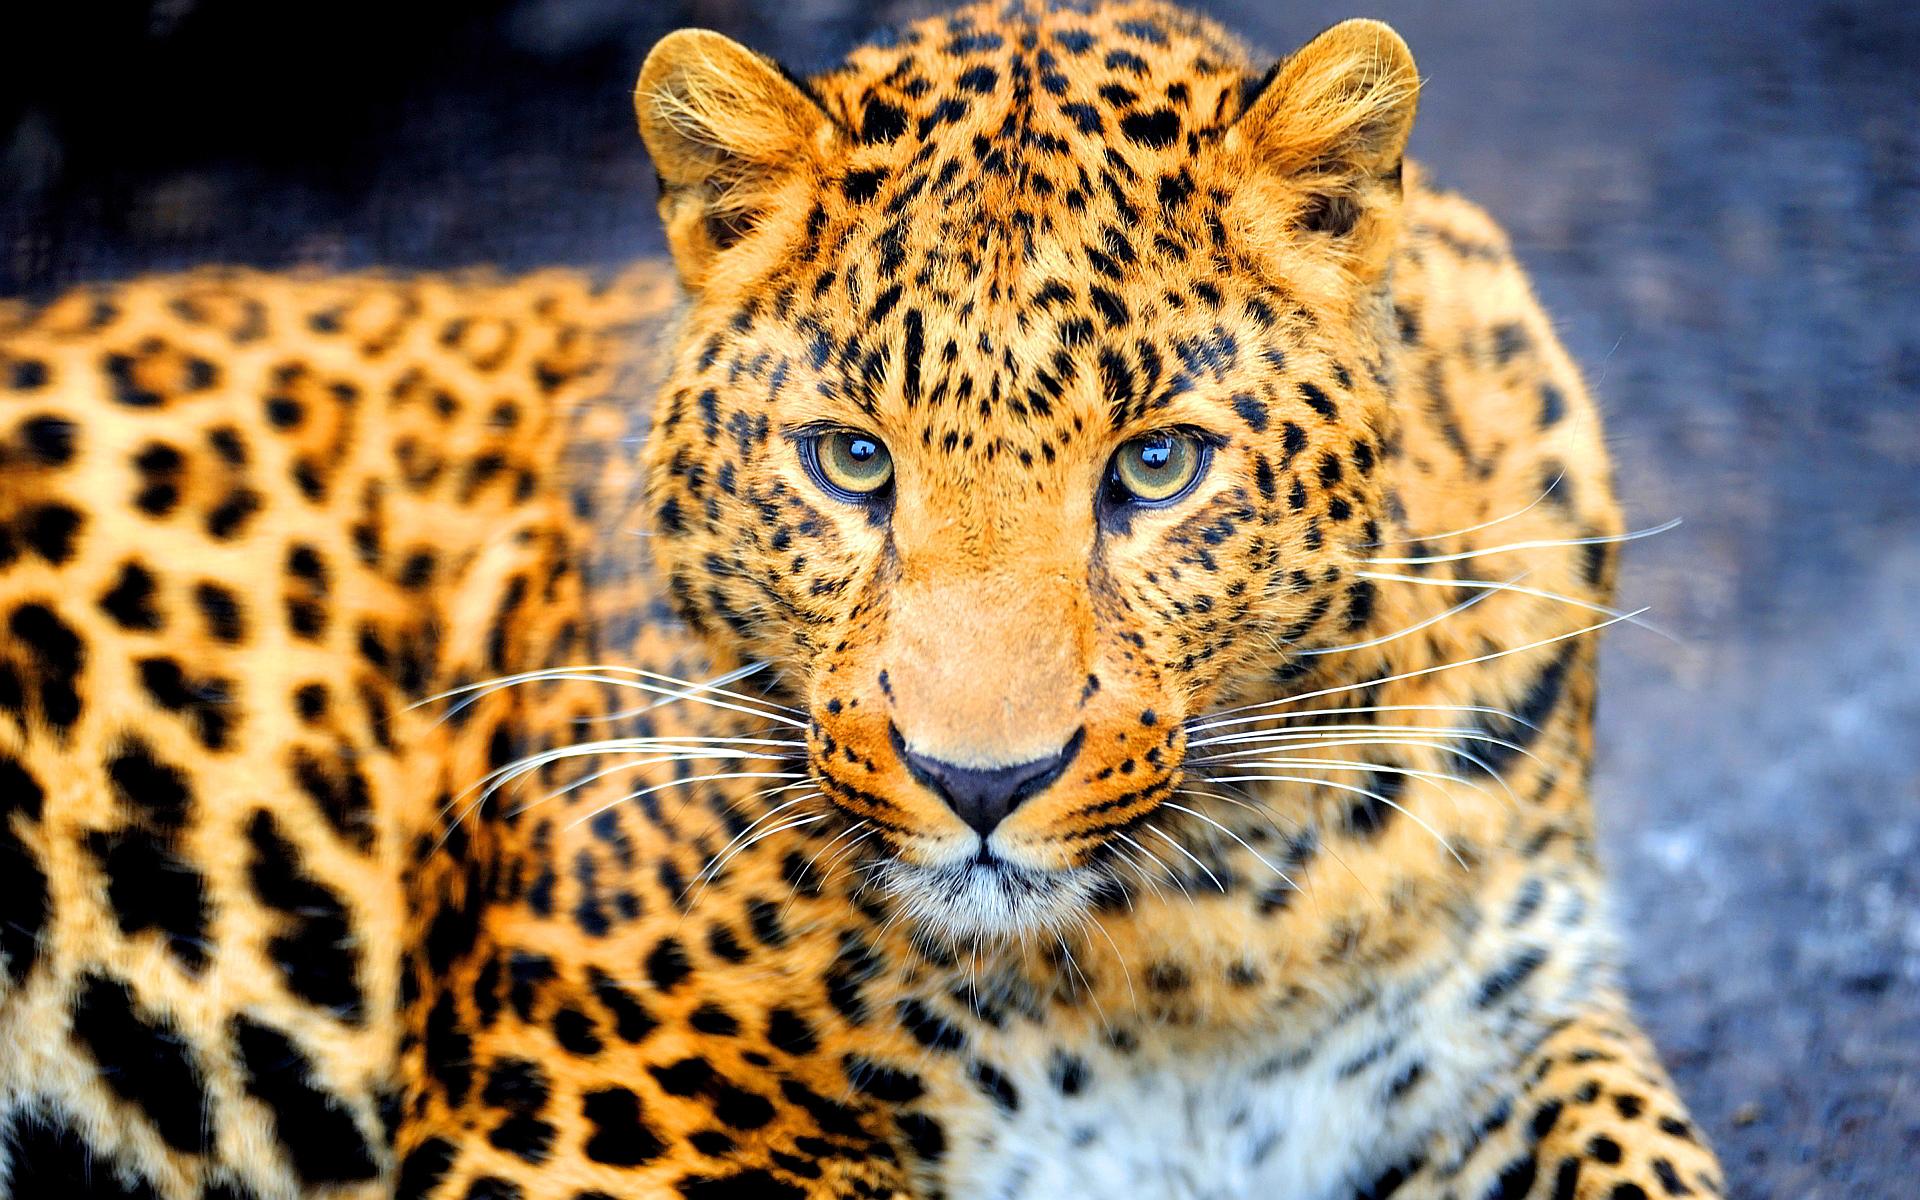 Dangerous jaguar